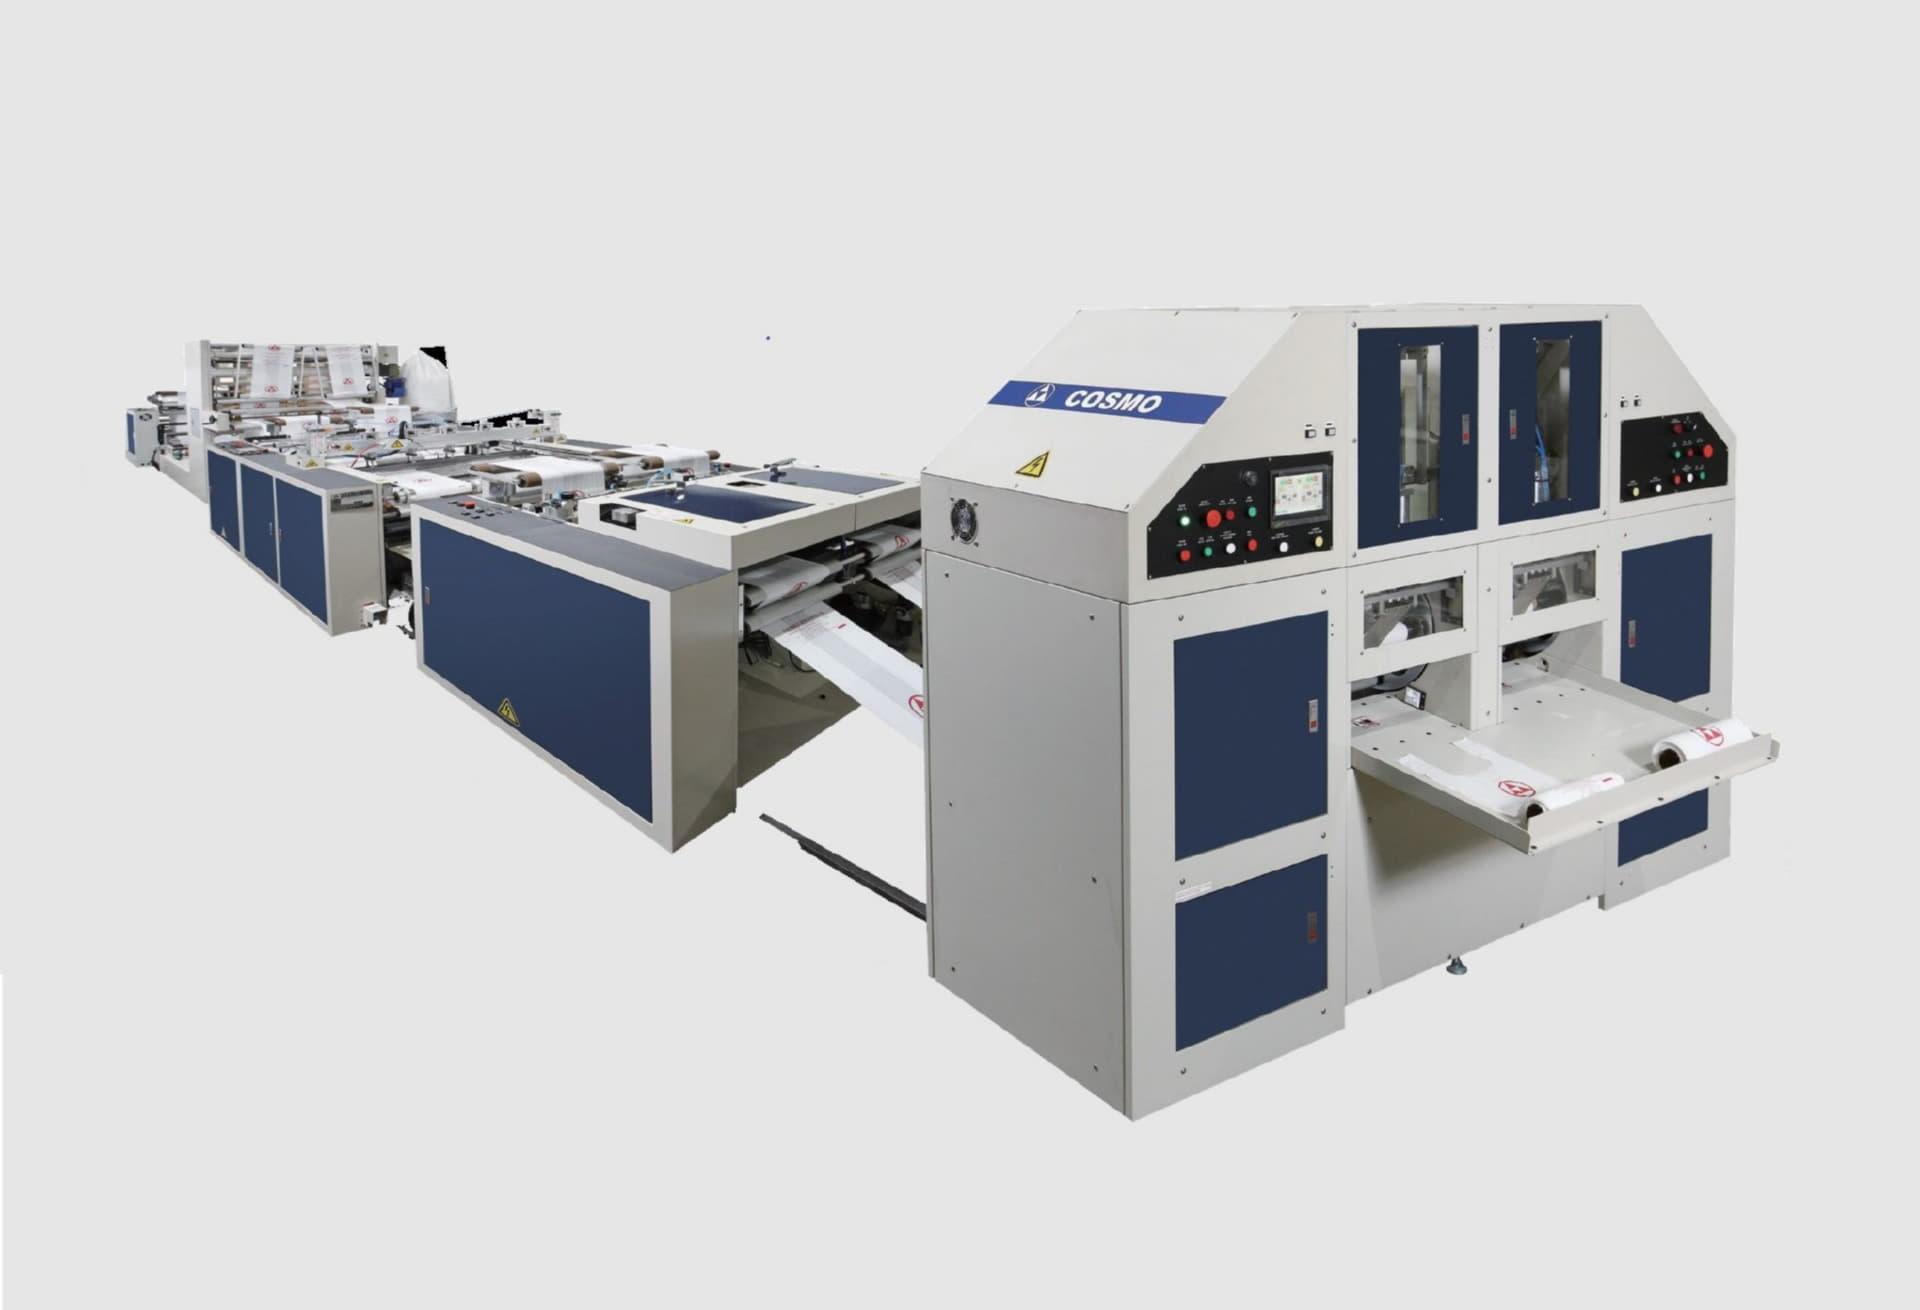 COSMO - STBCR-40-G2 / Sıcak Dilimleme ve Körüklü Rulo Atlet Poşet Kesim Makinesi